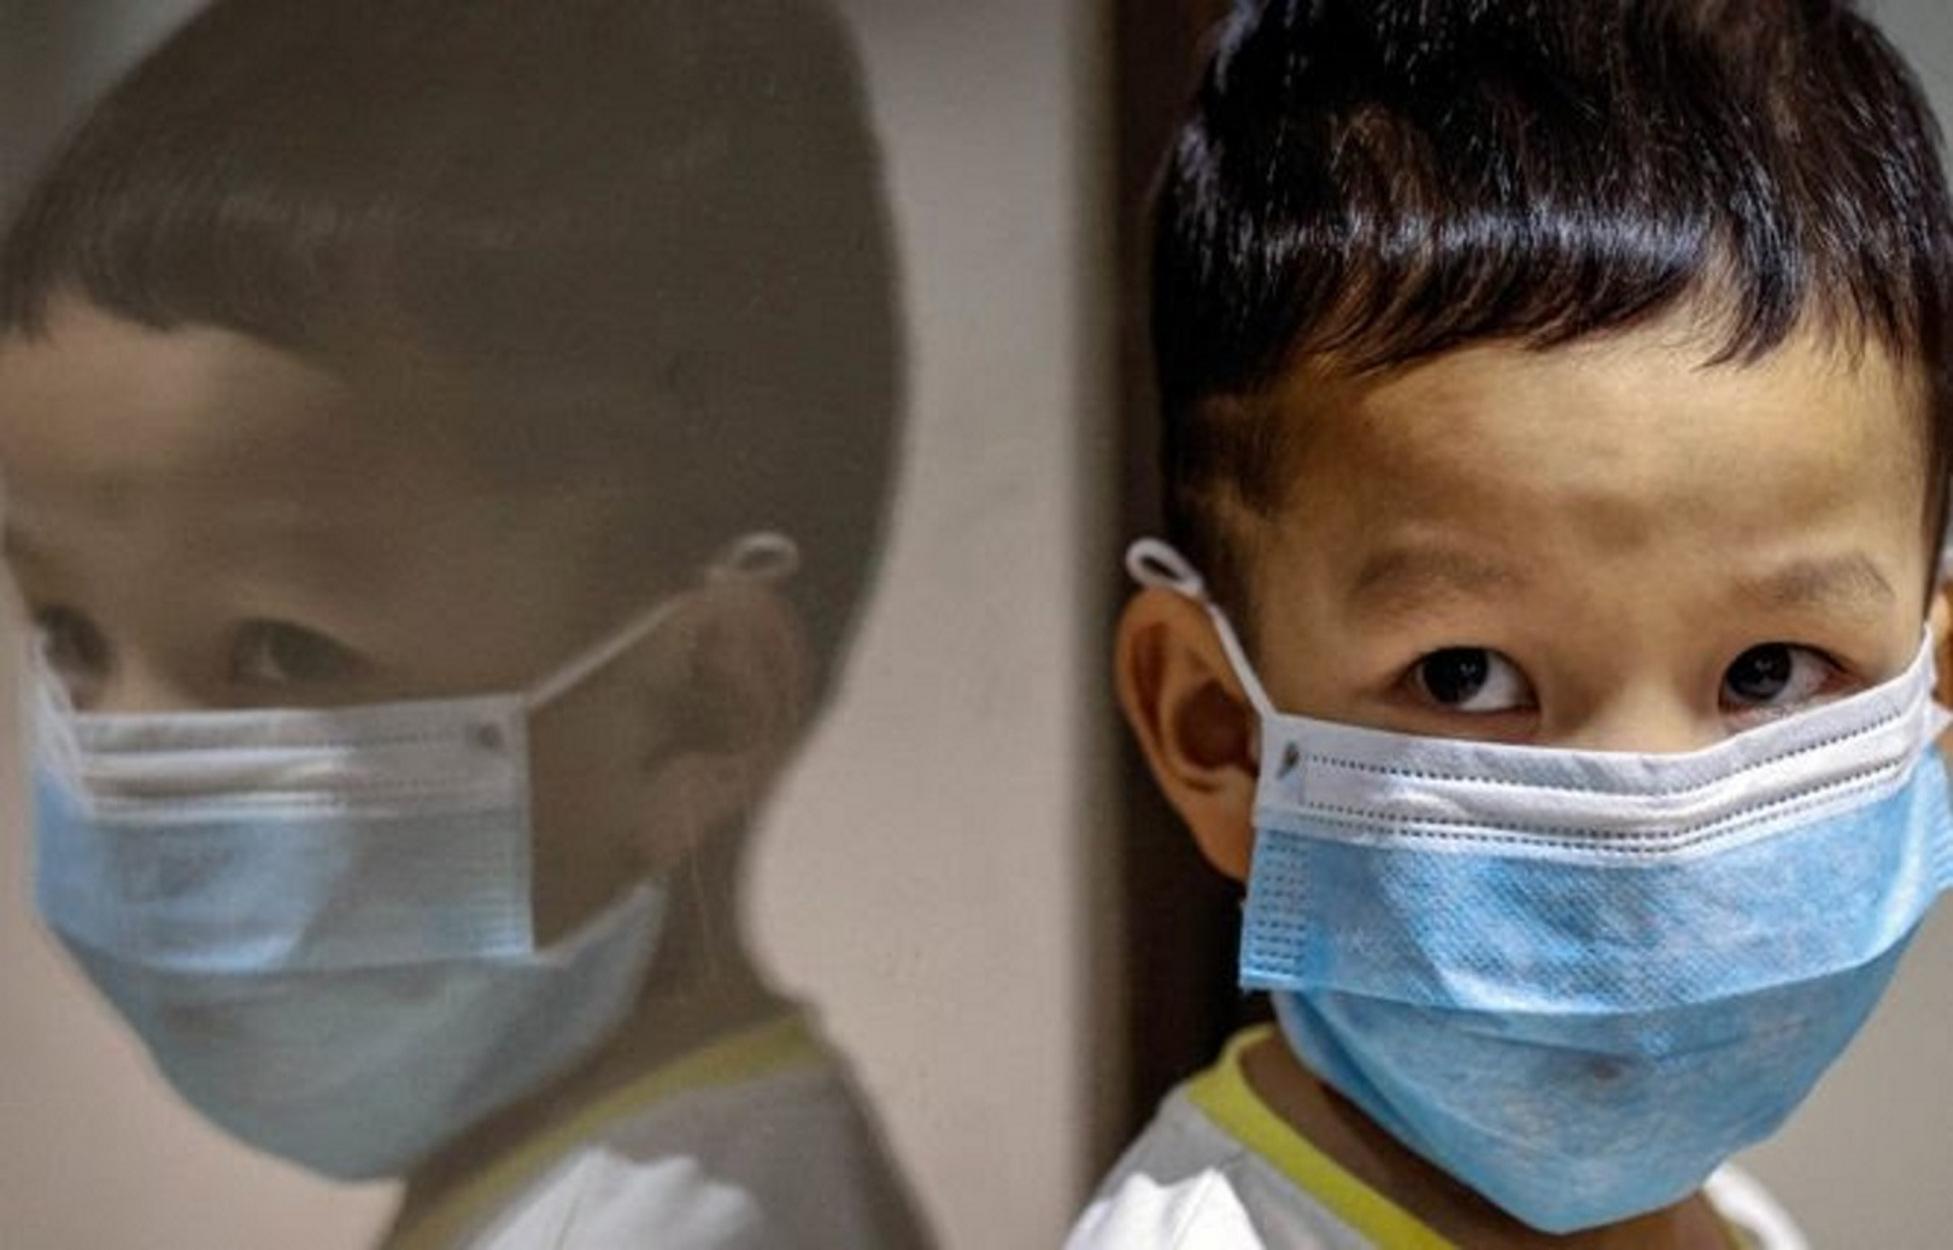 Αλματώδη αύξηση των κρουσμάτων της μυστηριώδους νόσου που προσβάλλει παιδιά